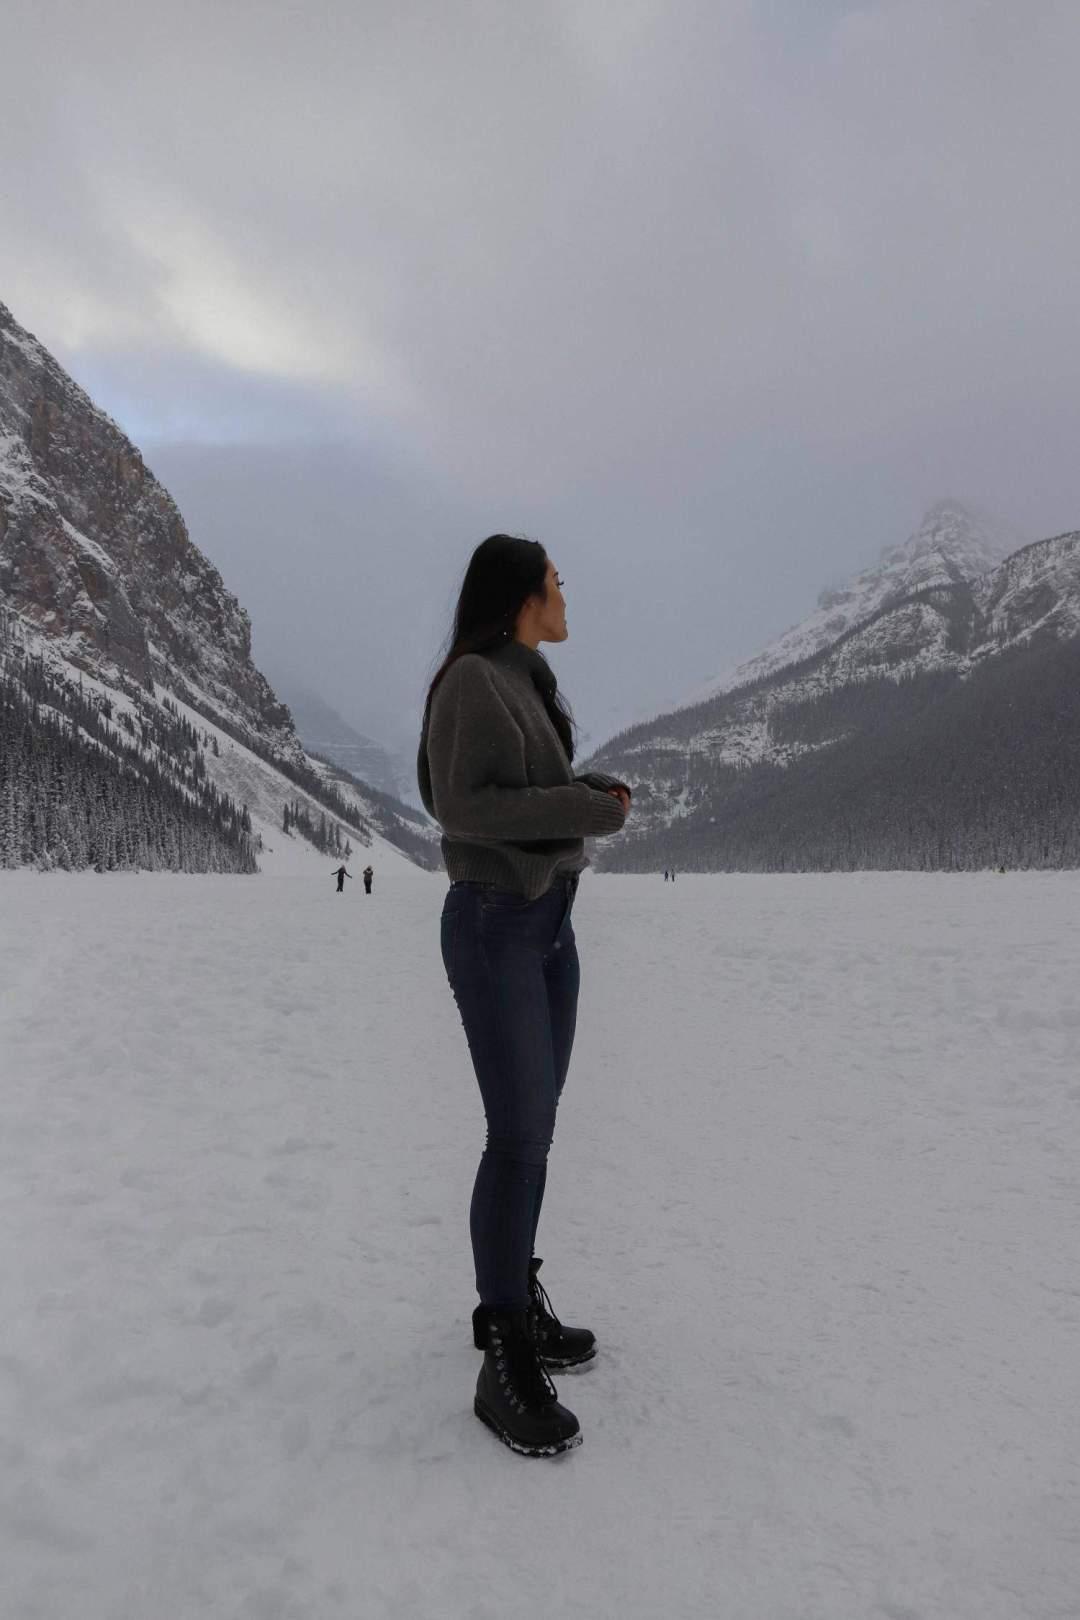 Trip to Banff - Lake Louise